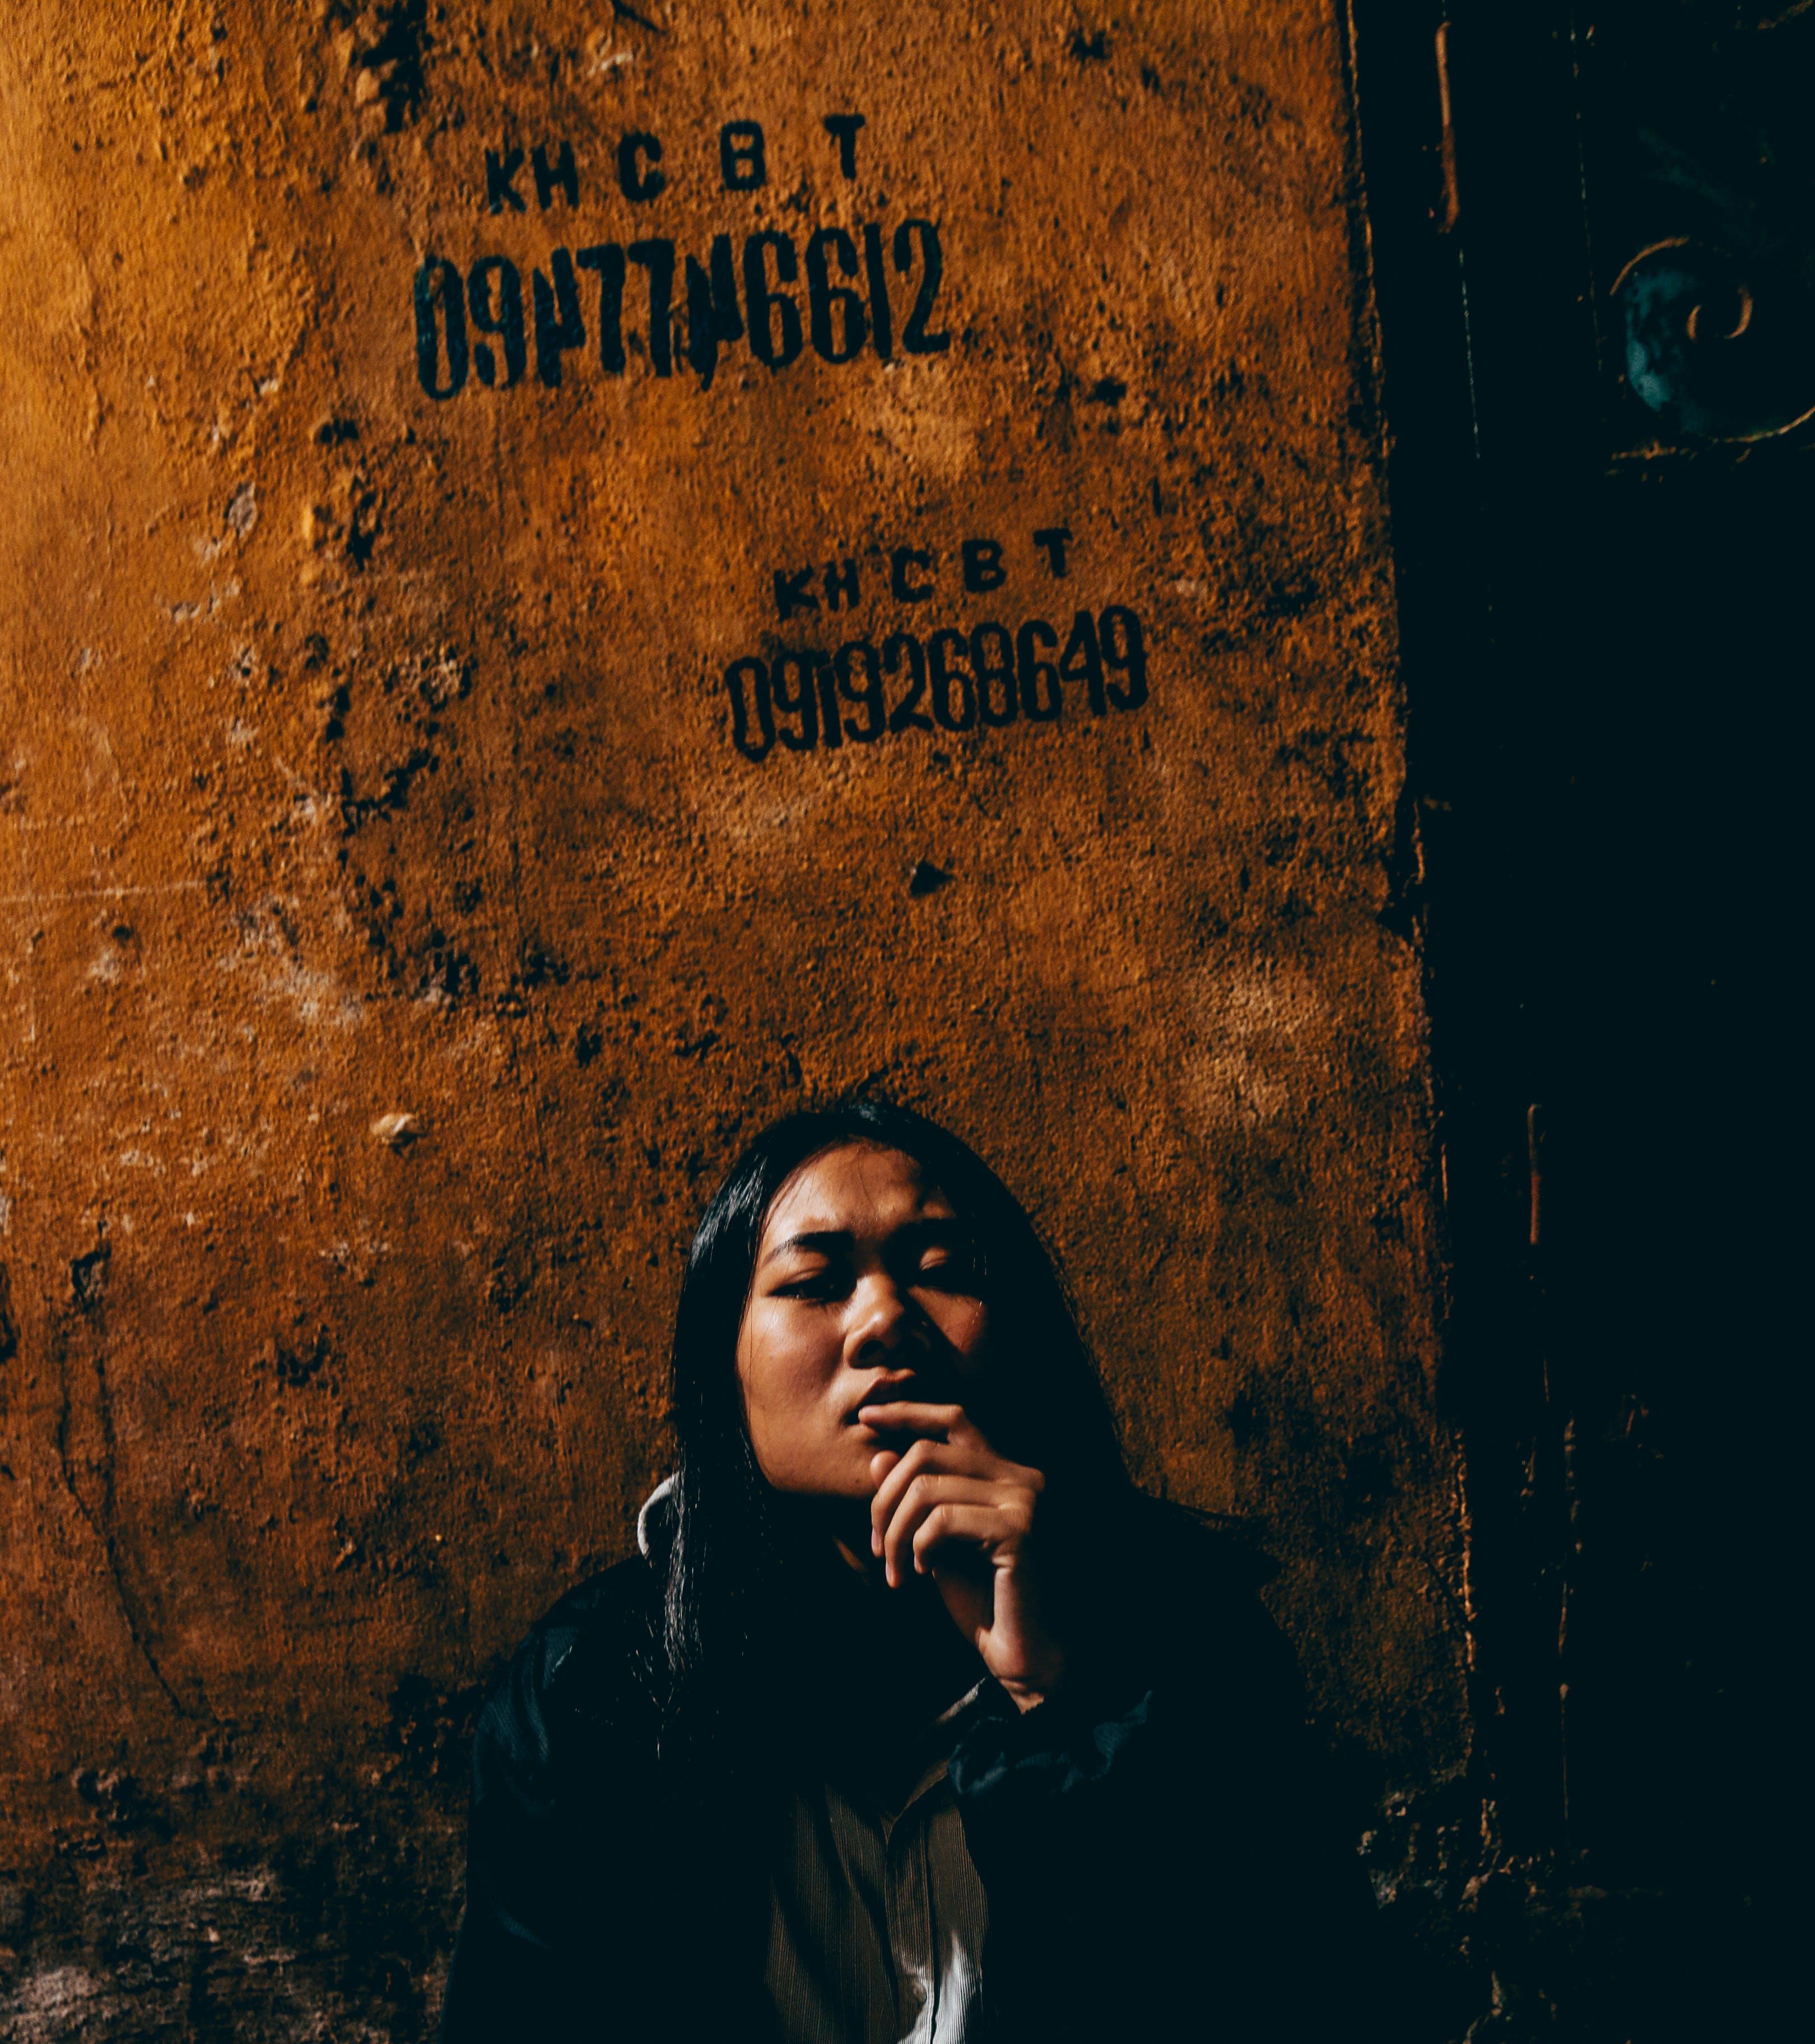 Woman Waring Black Jacket